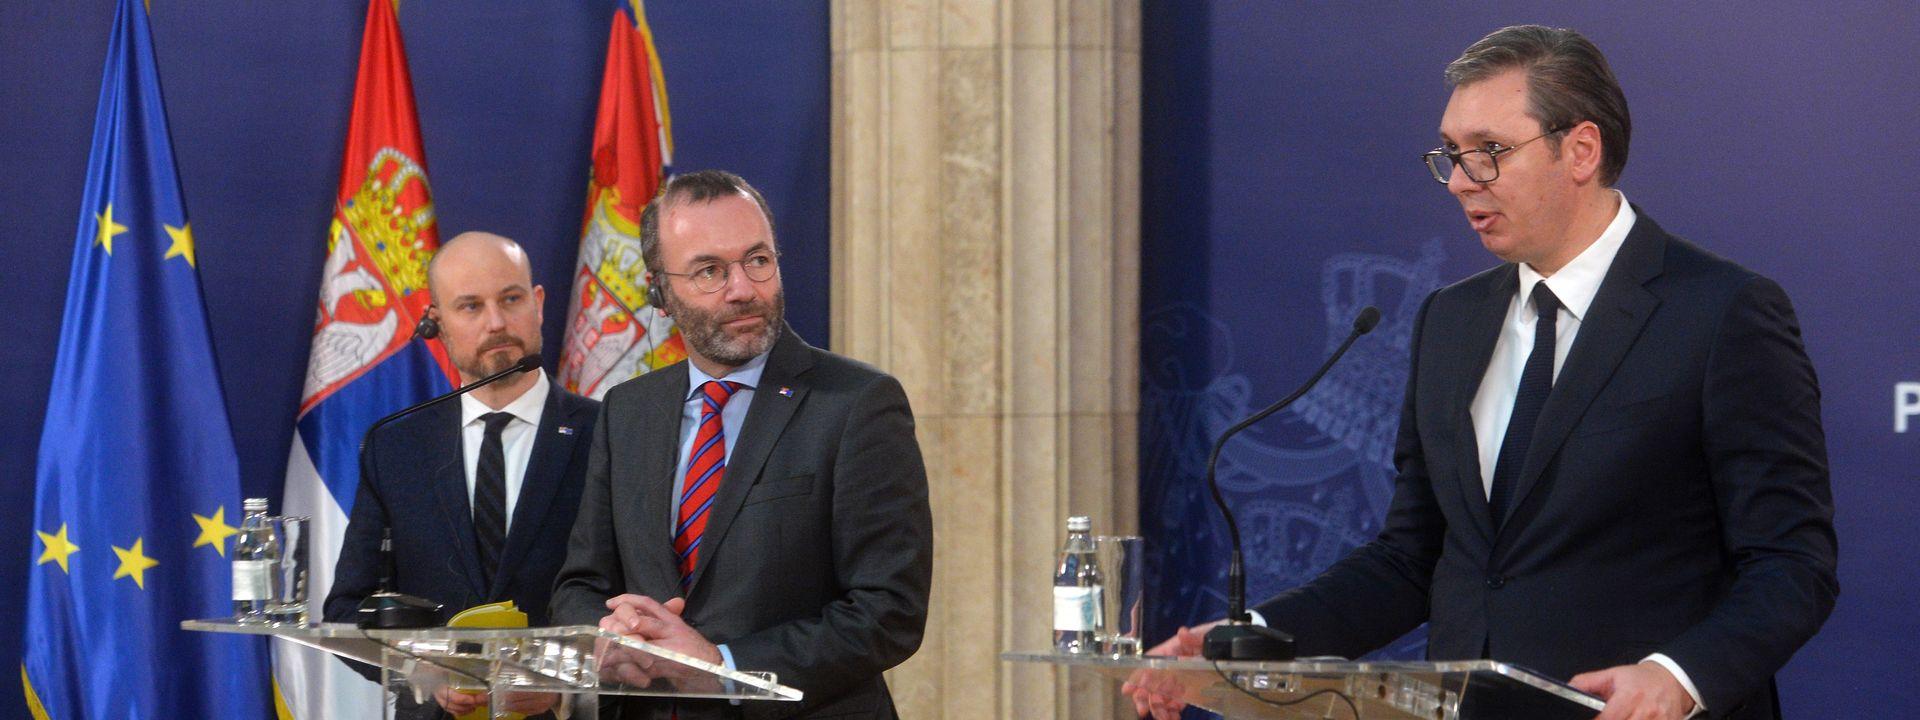 Konferencija za medije Vučića sa predstavnicima EP: Raspoloženi Vučić – neraspoložena Suzana!